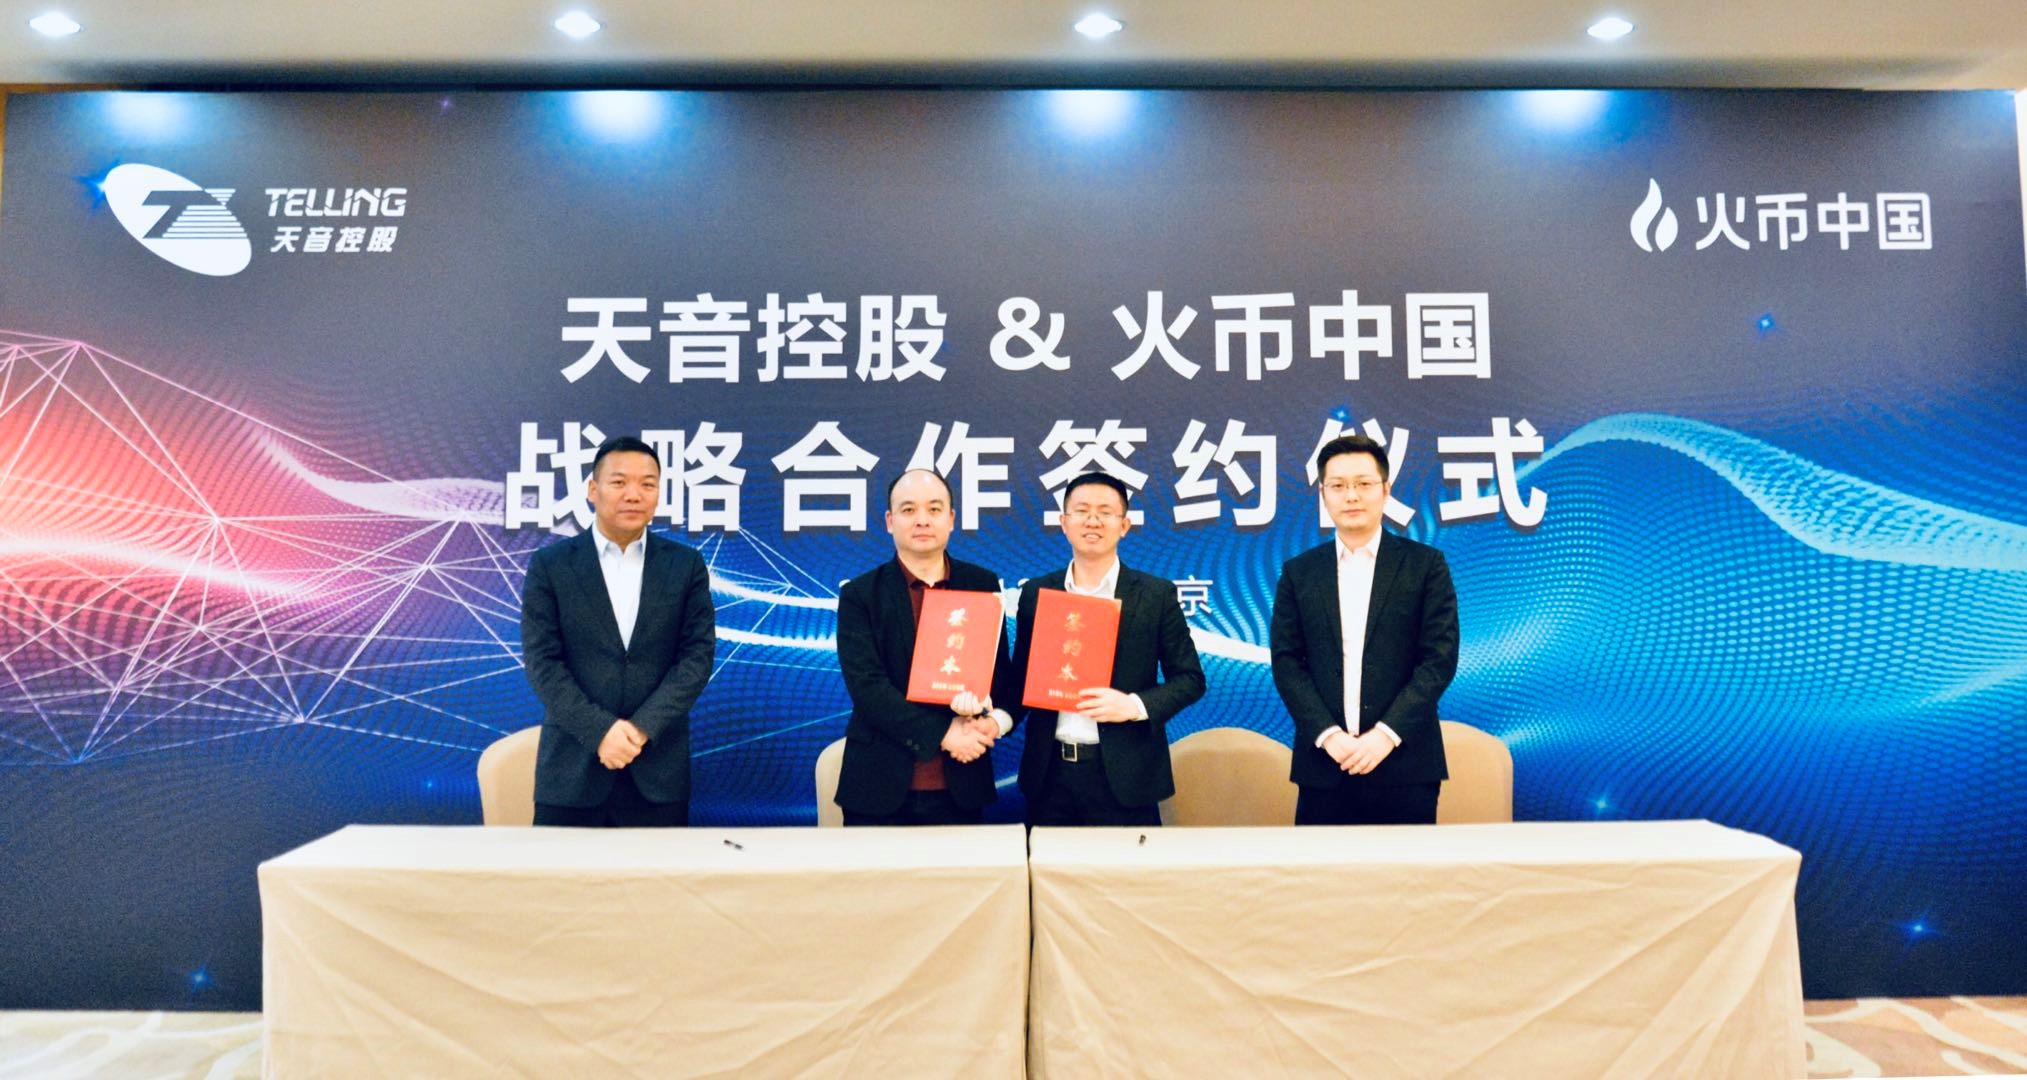 火币中国与天音控股联手 用区块链解决彩票生产防伪和溯源